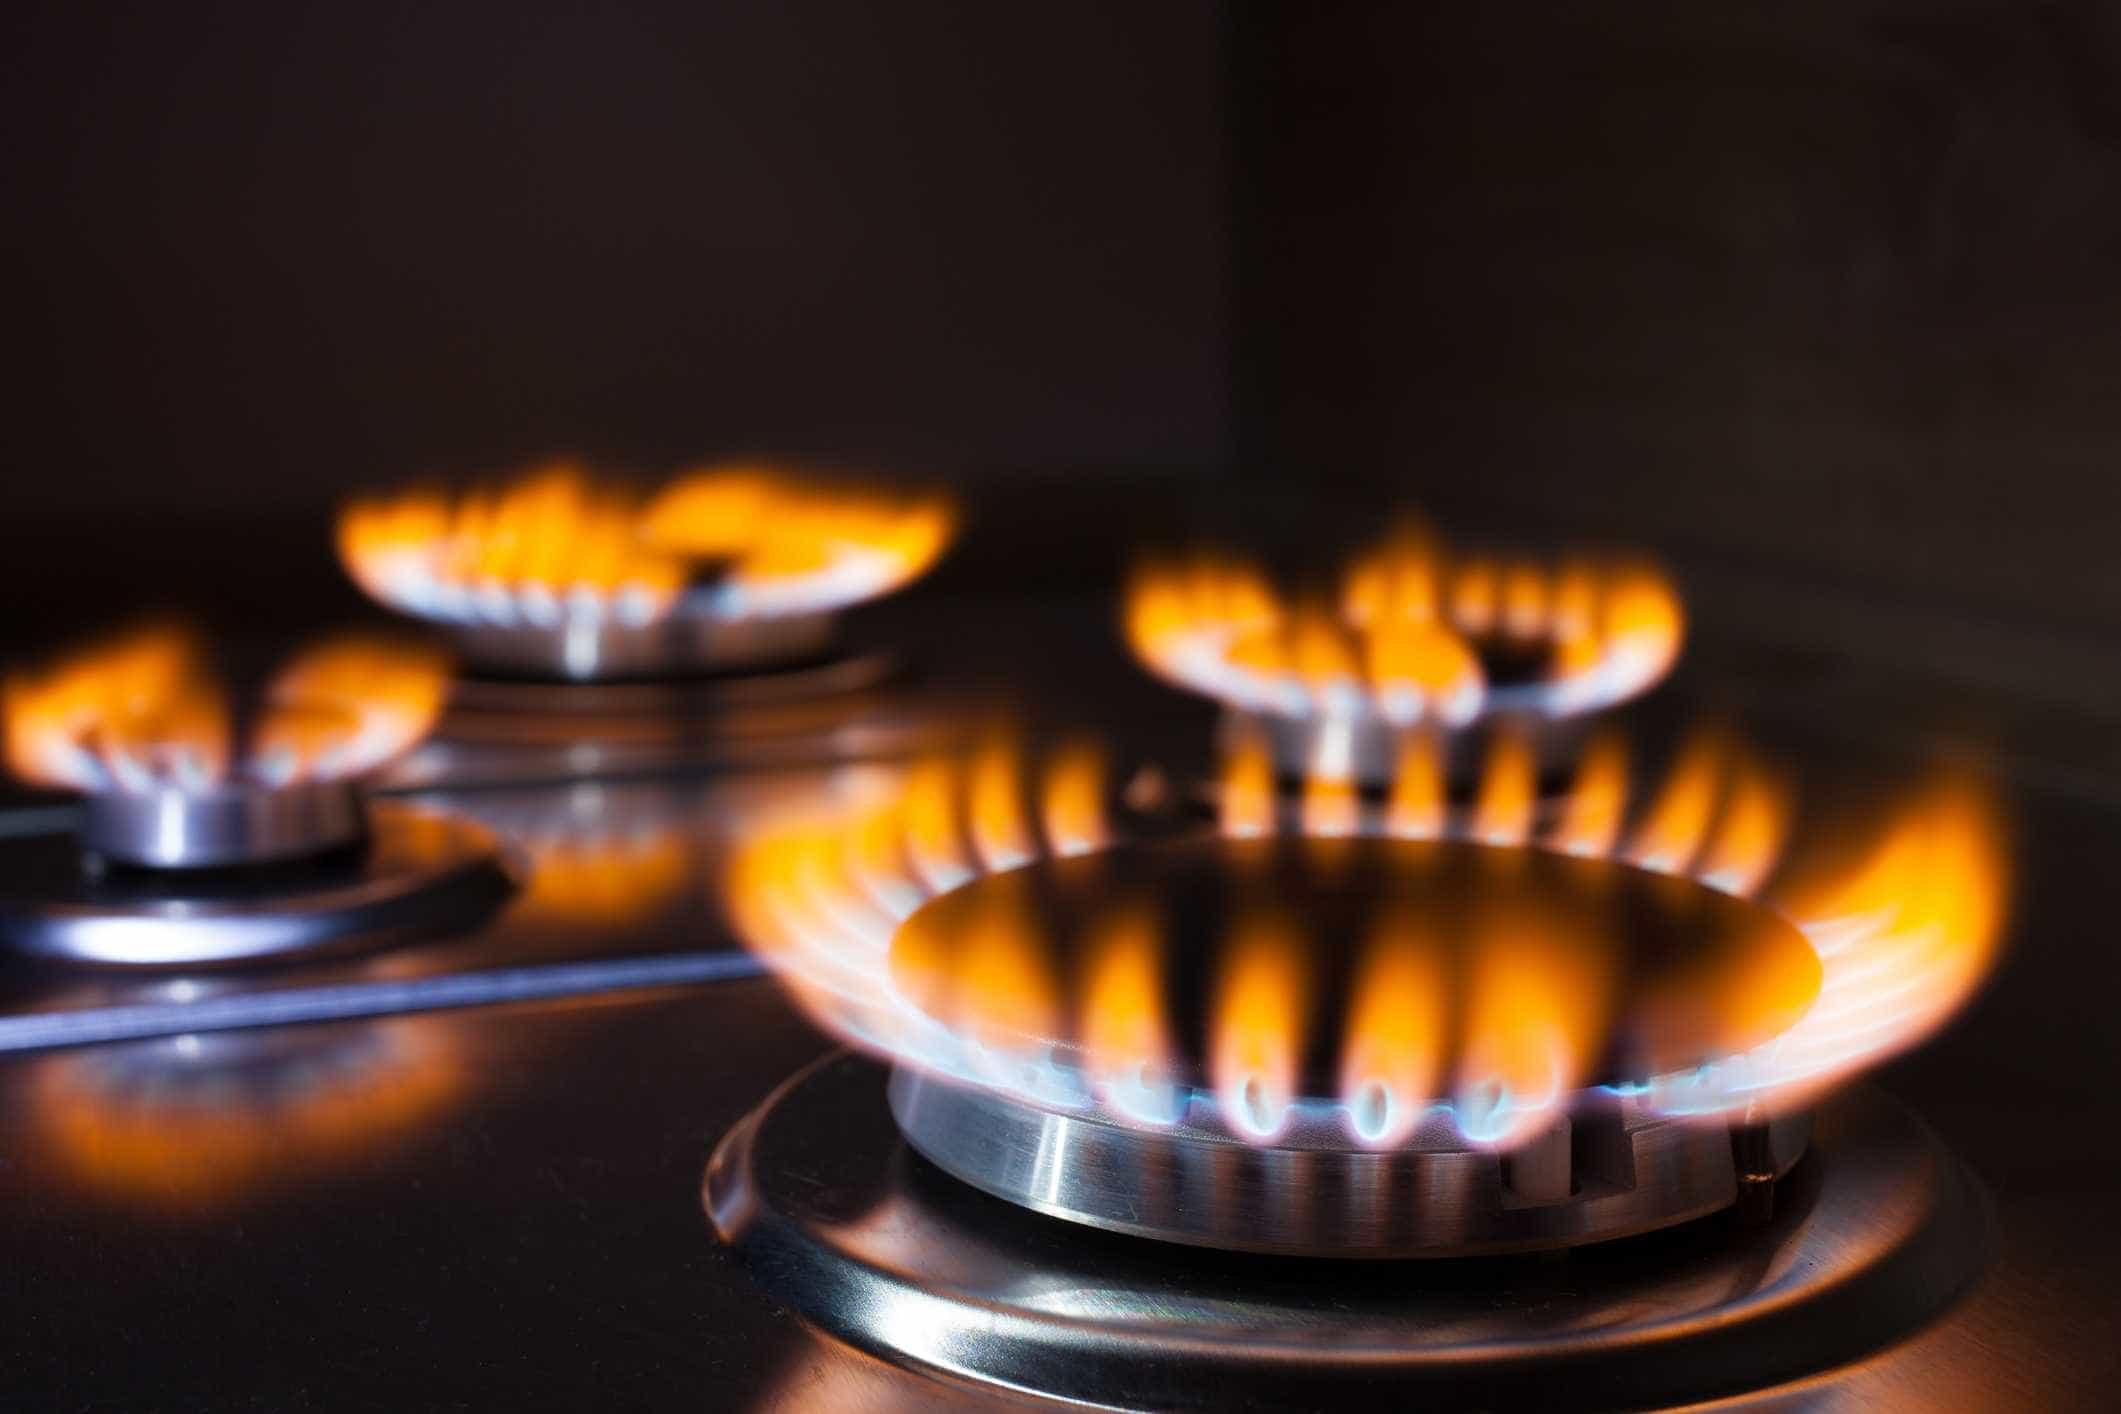 Probabilidade média de gás natural em Leiria é 2 vezes consumo no país